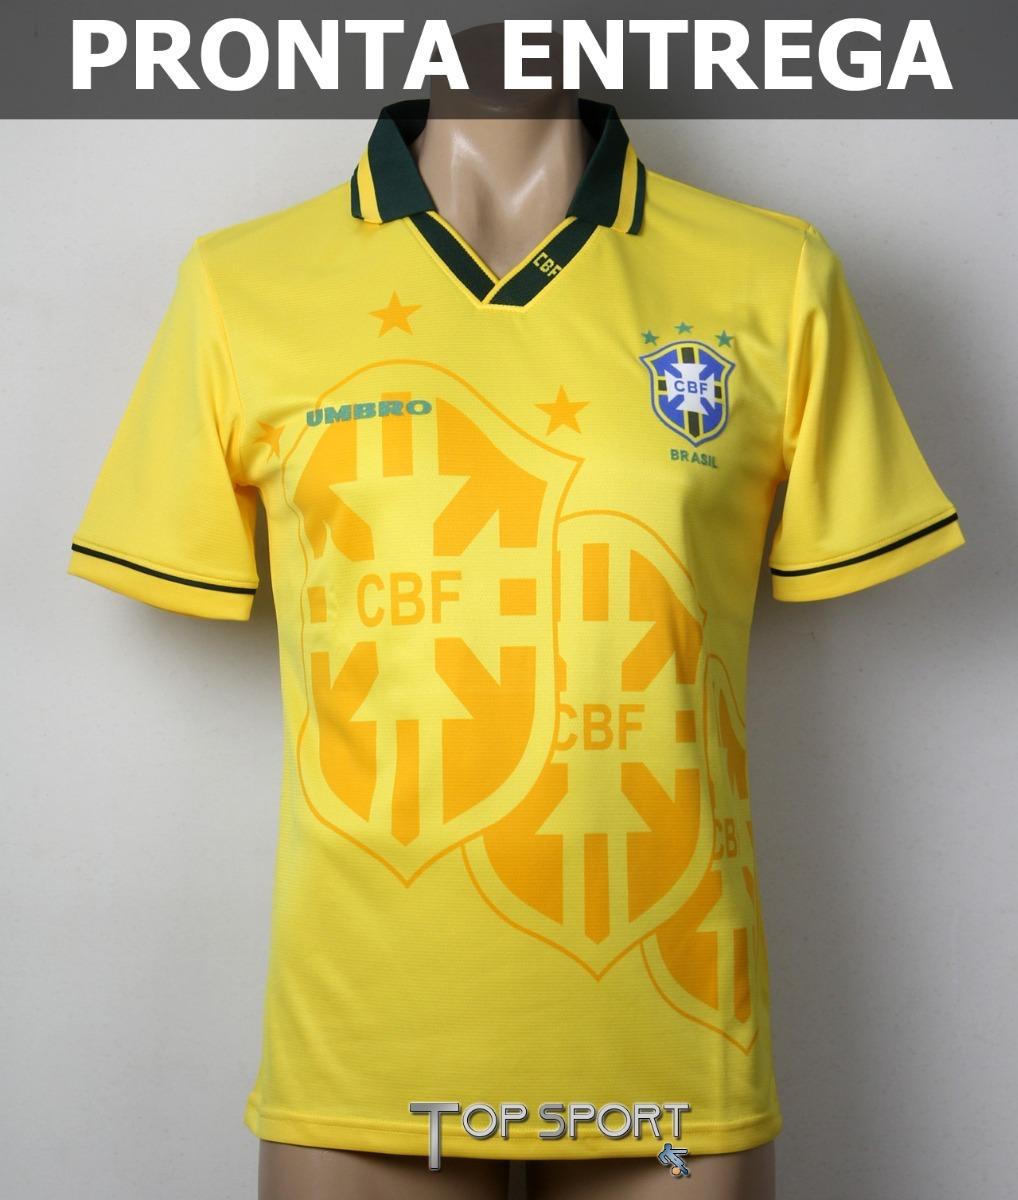 f32bbc72f camisa seleção brasileira copa de 1994 retrô pronta entrega. Carregando zoom .